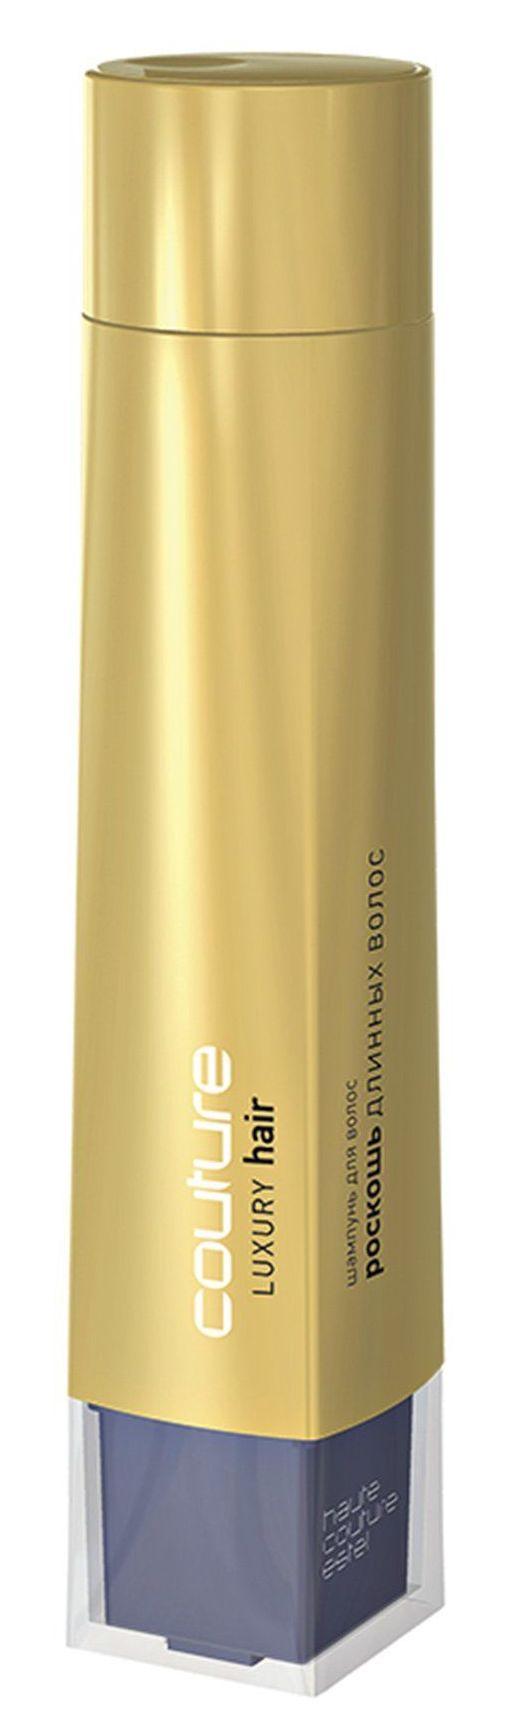 Купить ESTEL HAUTE COUTURE Шампунь для волос / LUXURY HAIR 250 мл